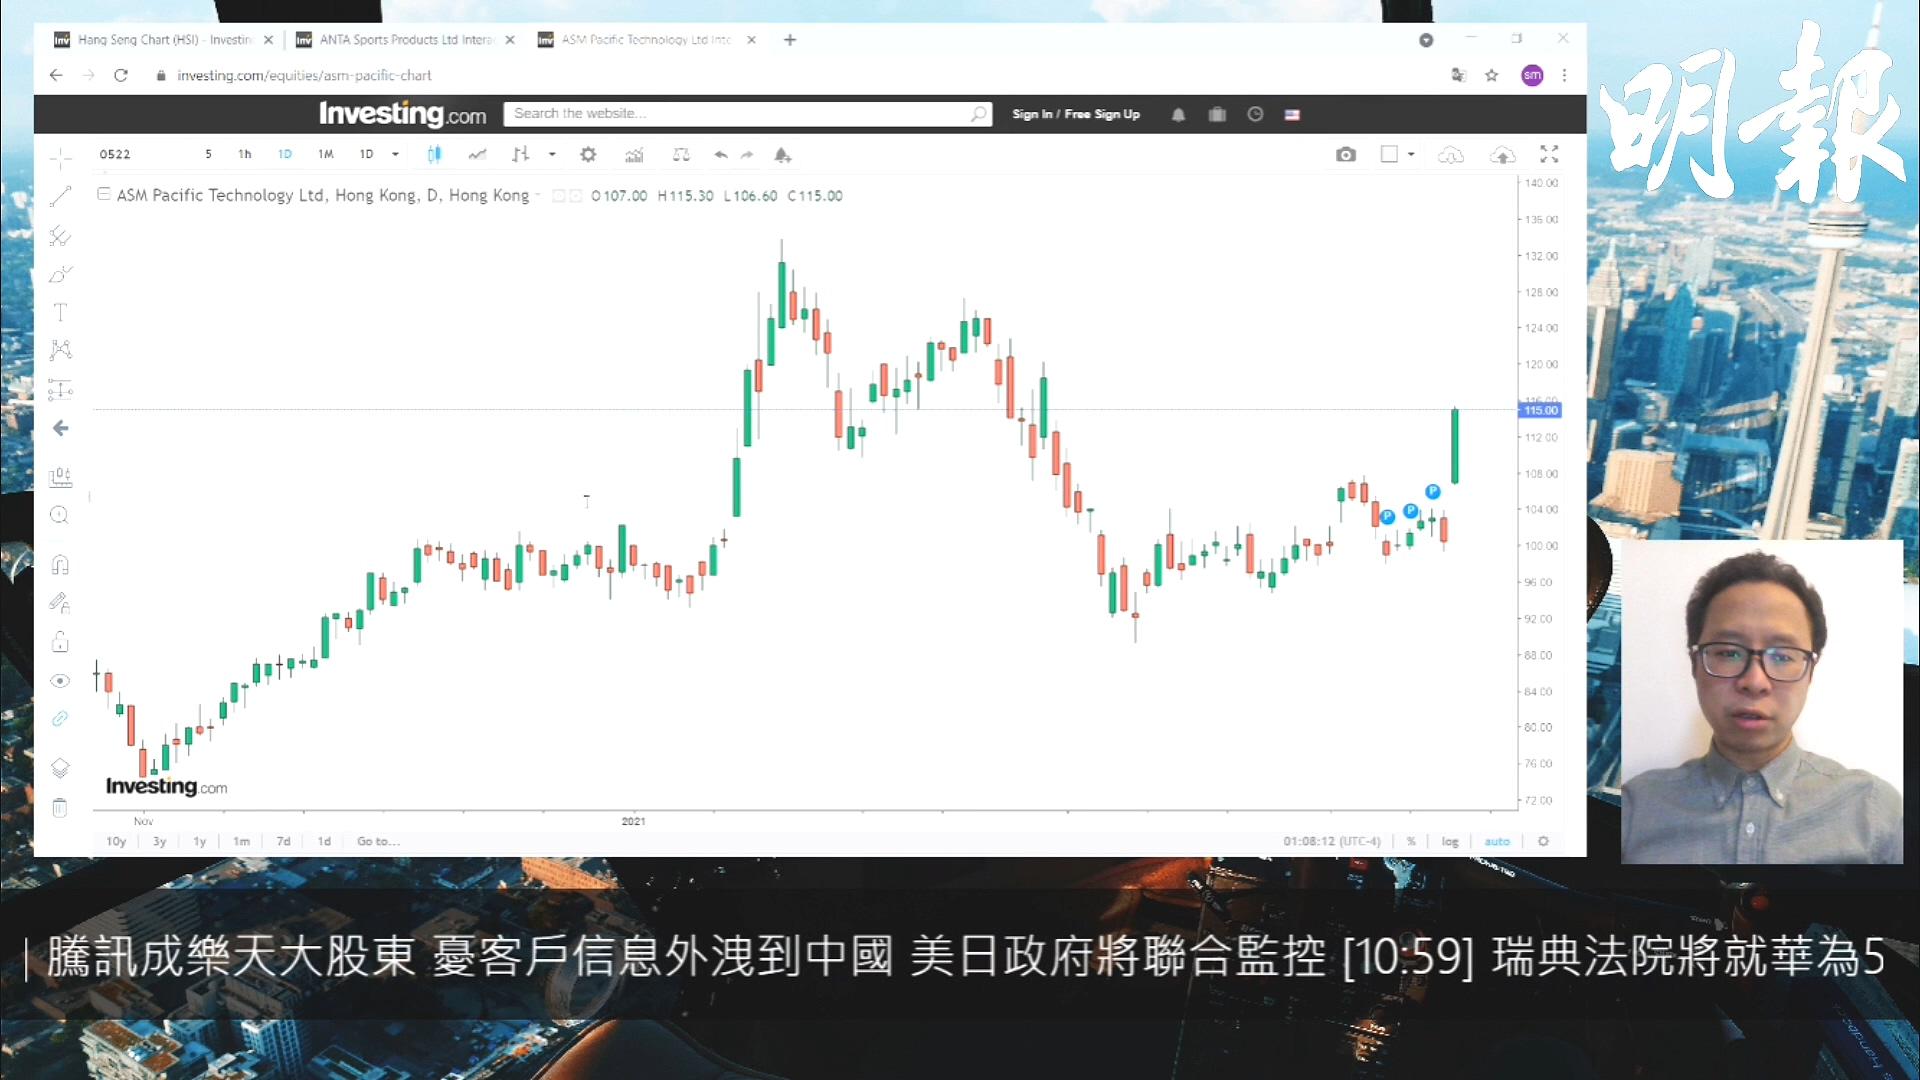 【有片:選股王】再有藍籌股股東大手減持 ASM太平洋首季業績亮麗